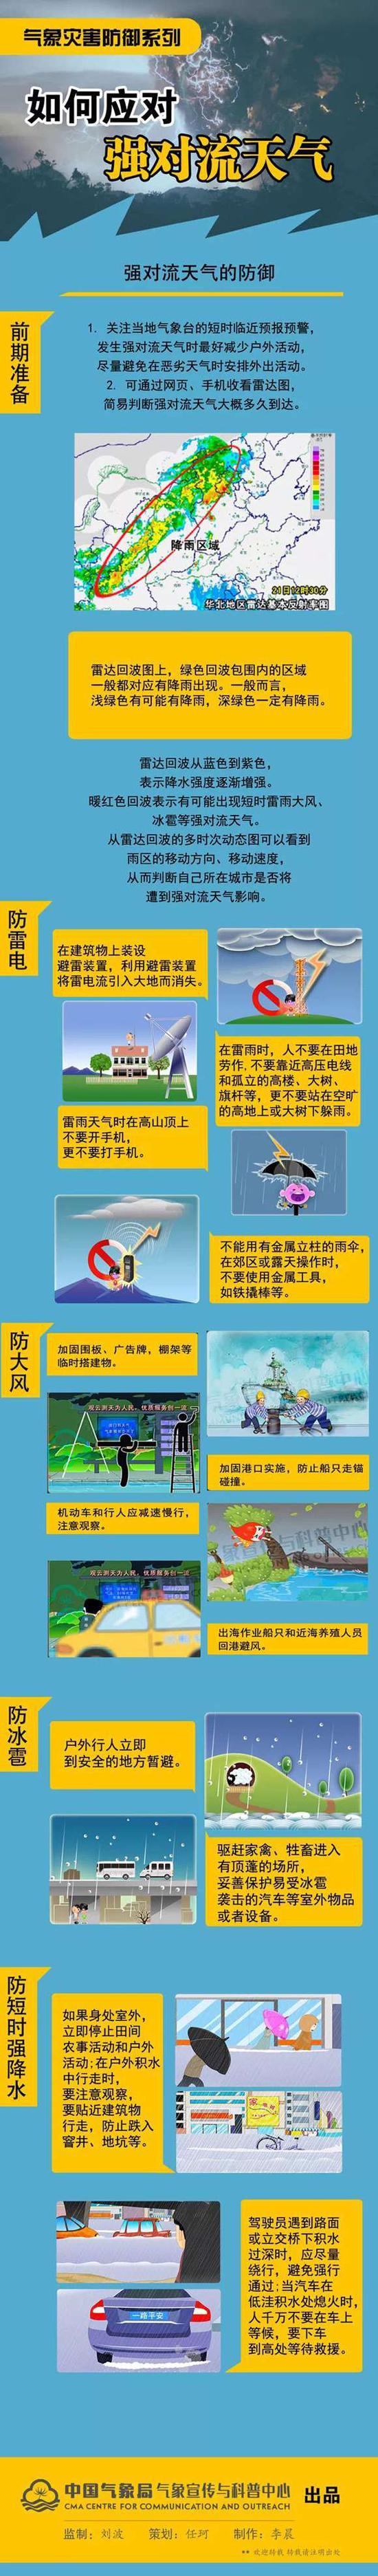 (来源:济南气象台)